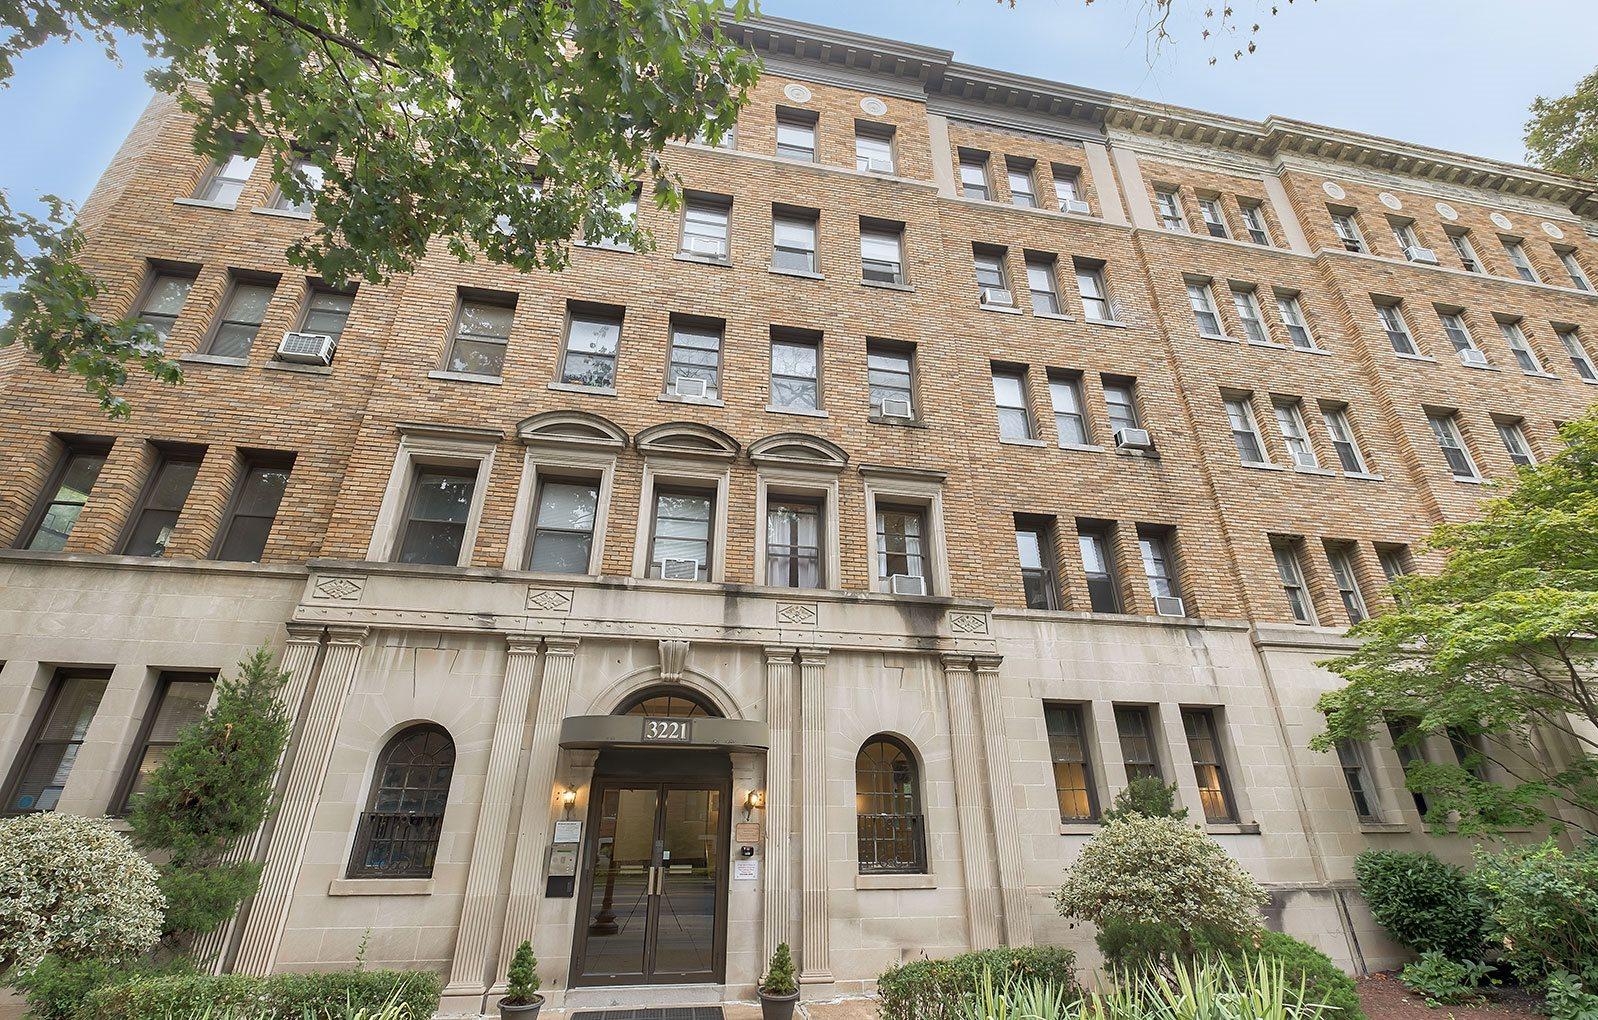 3221 Connecticut Ave Apartments